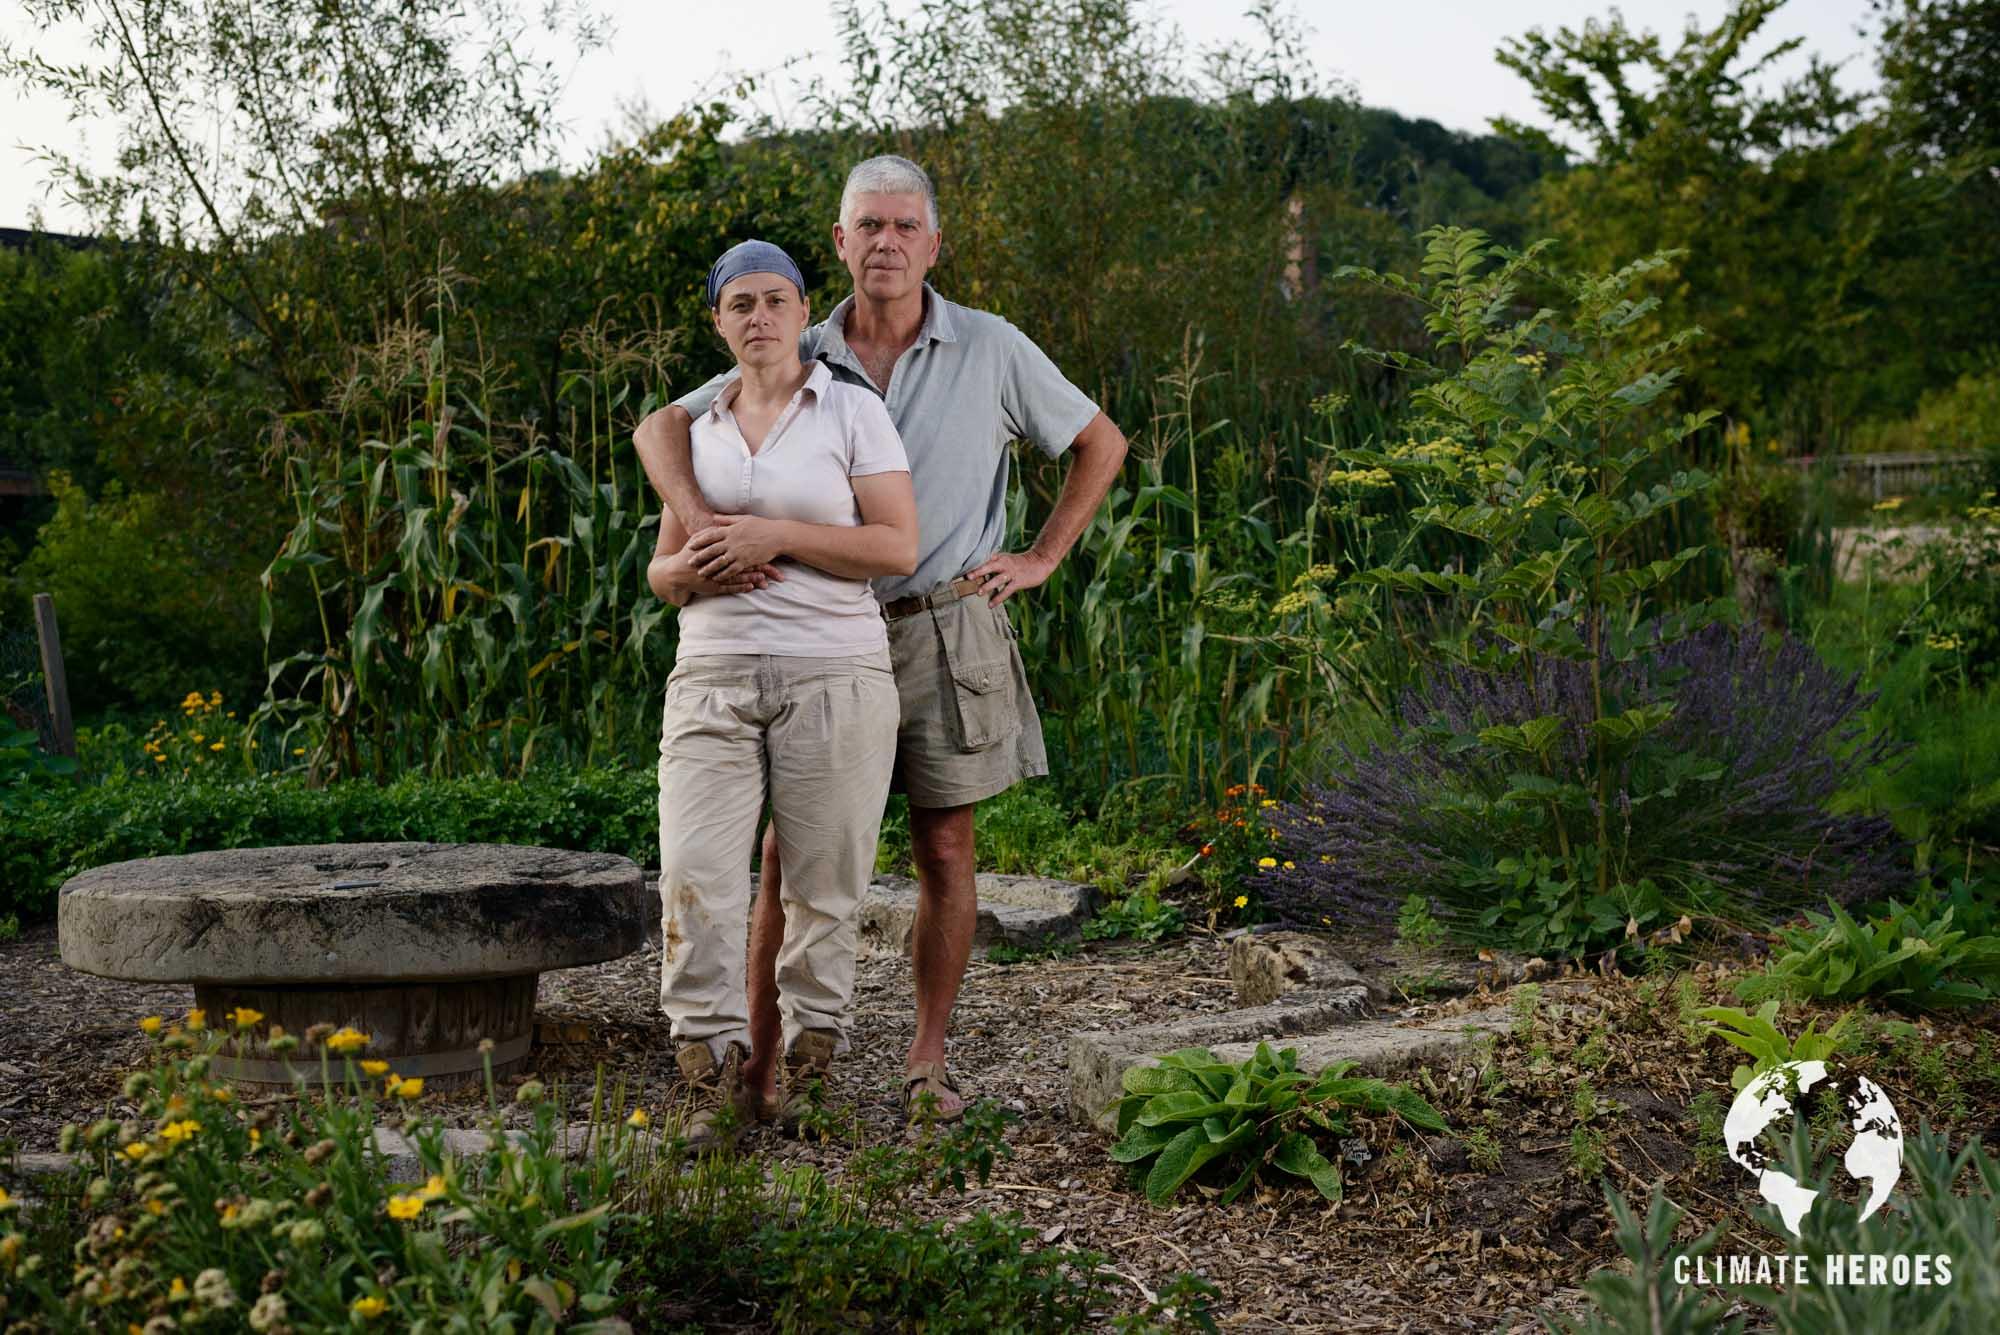 Portrait de Perrine et Charles Hervé Gruyer au centre du jardin de la Grande Ile, Ferme du Bec Hellouin. Leur maison se trouve à l'arrière plan.